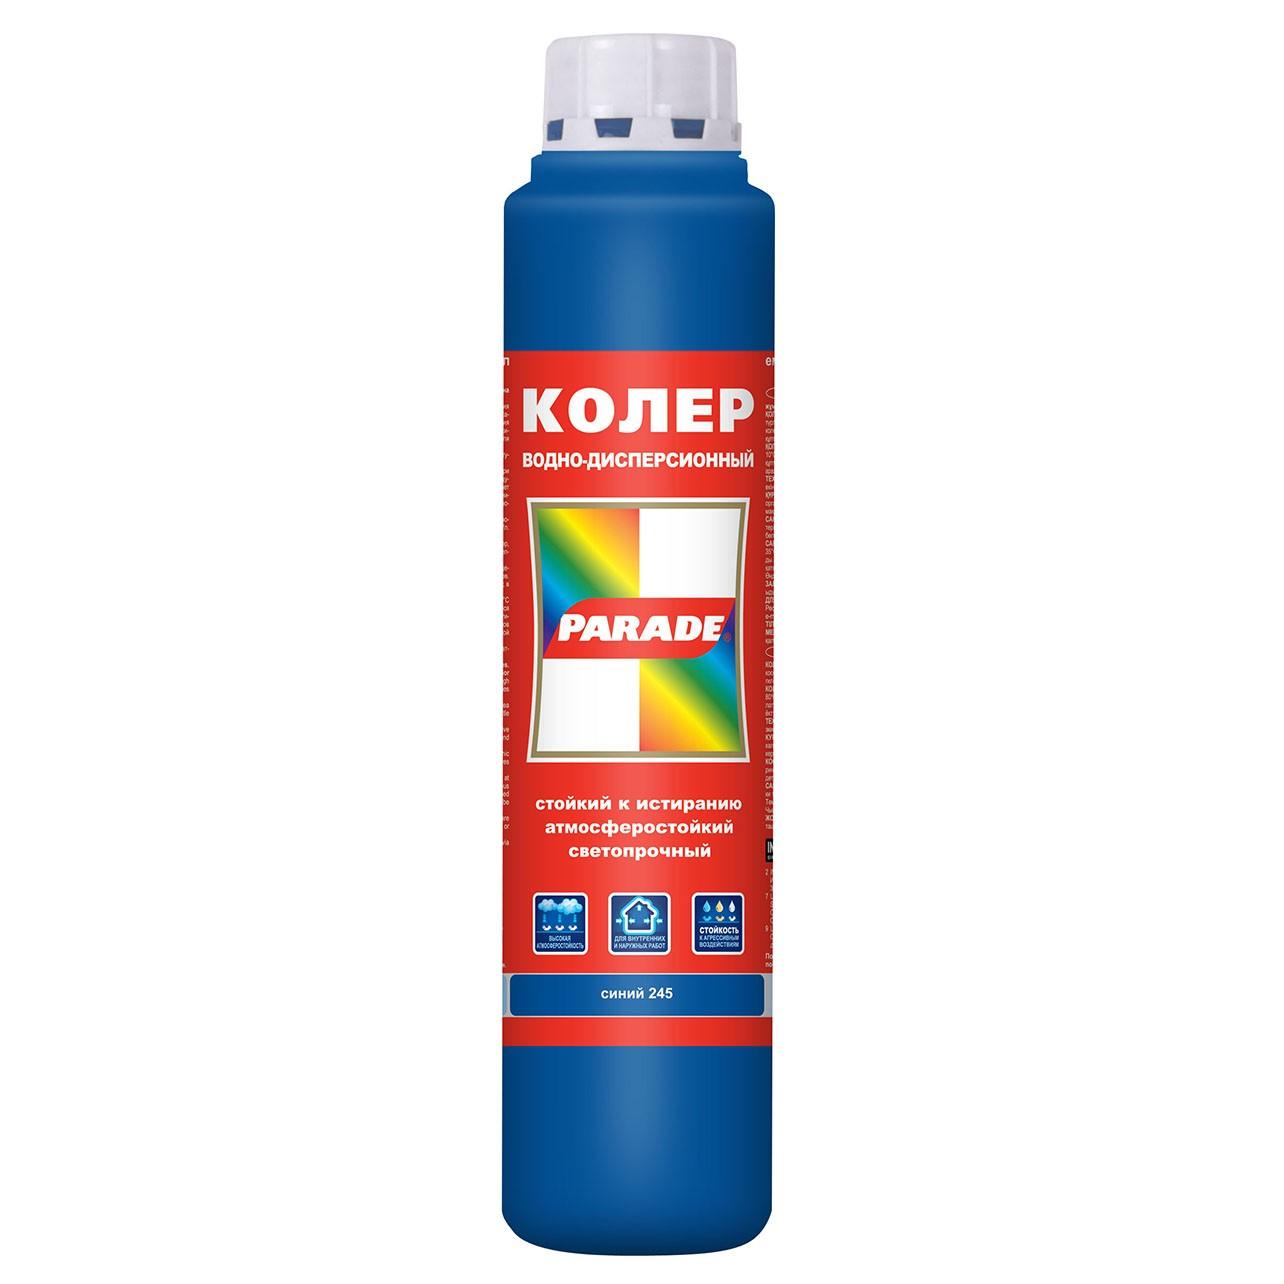 Колер водно-дисперсионный Parade Classic №245 (синий), 0.75 л